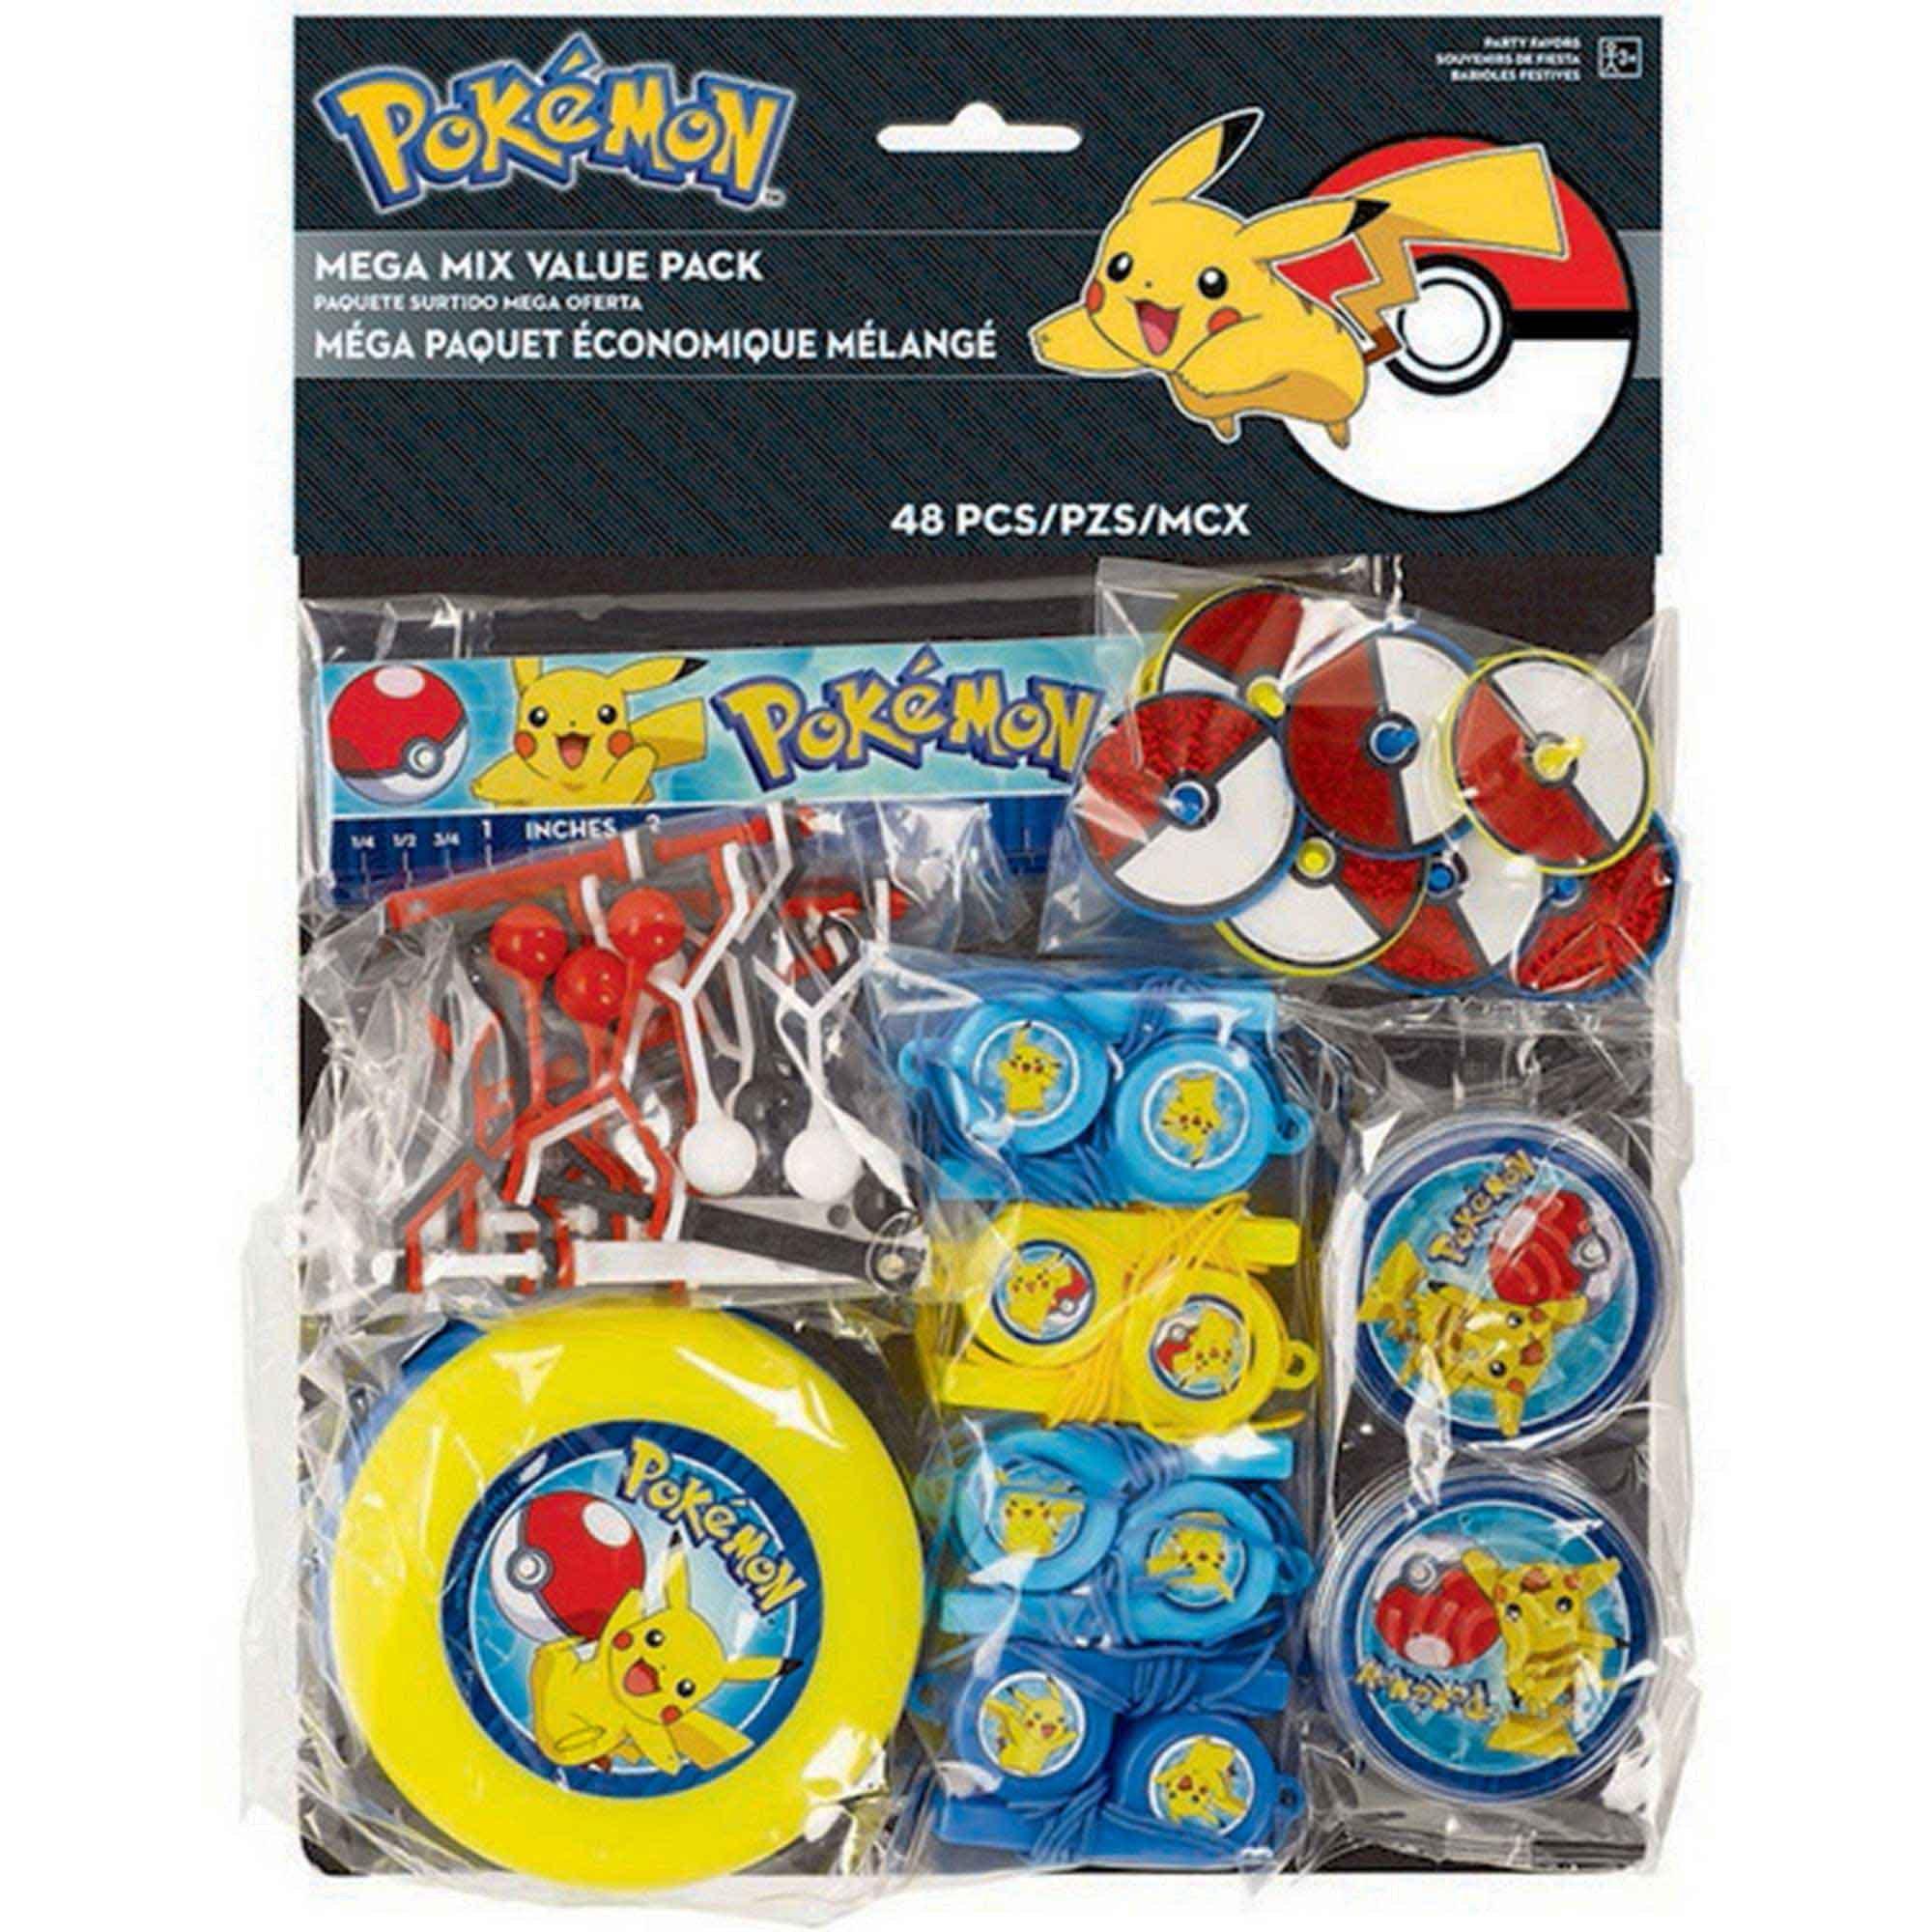 Pokemon Core Mega Mix Value Pack Favors